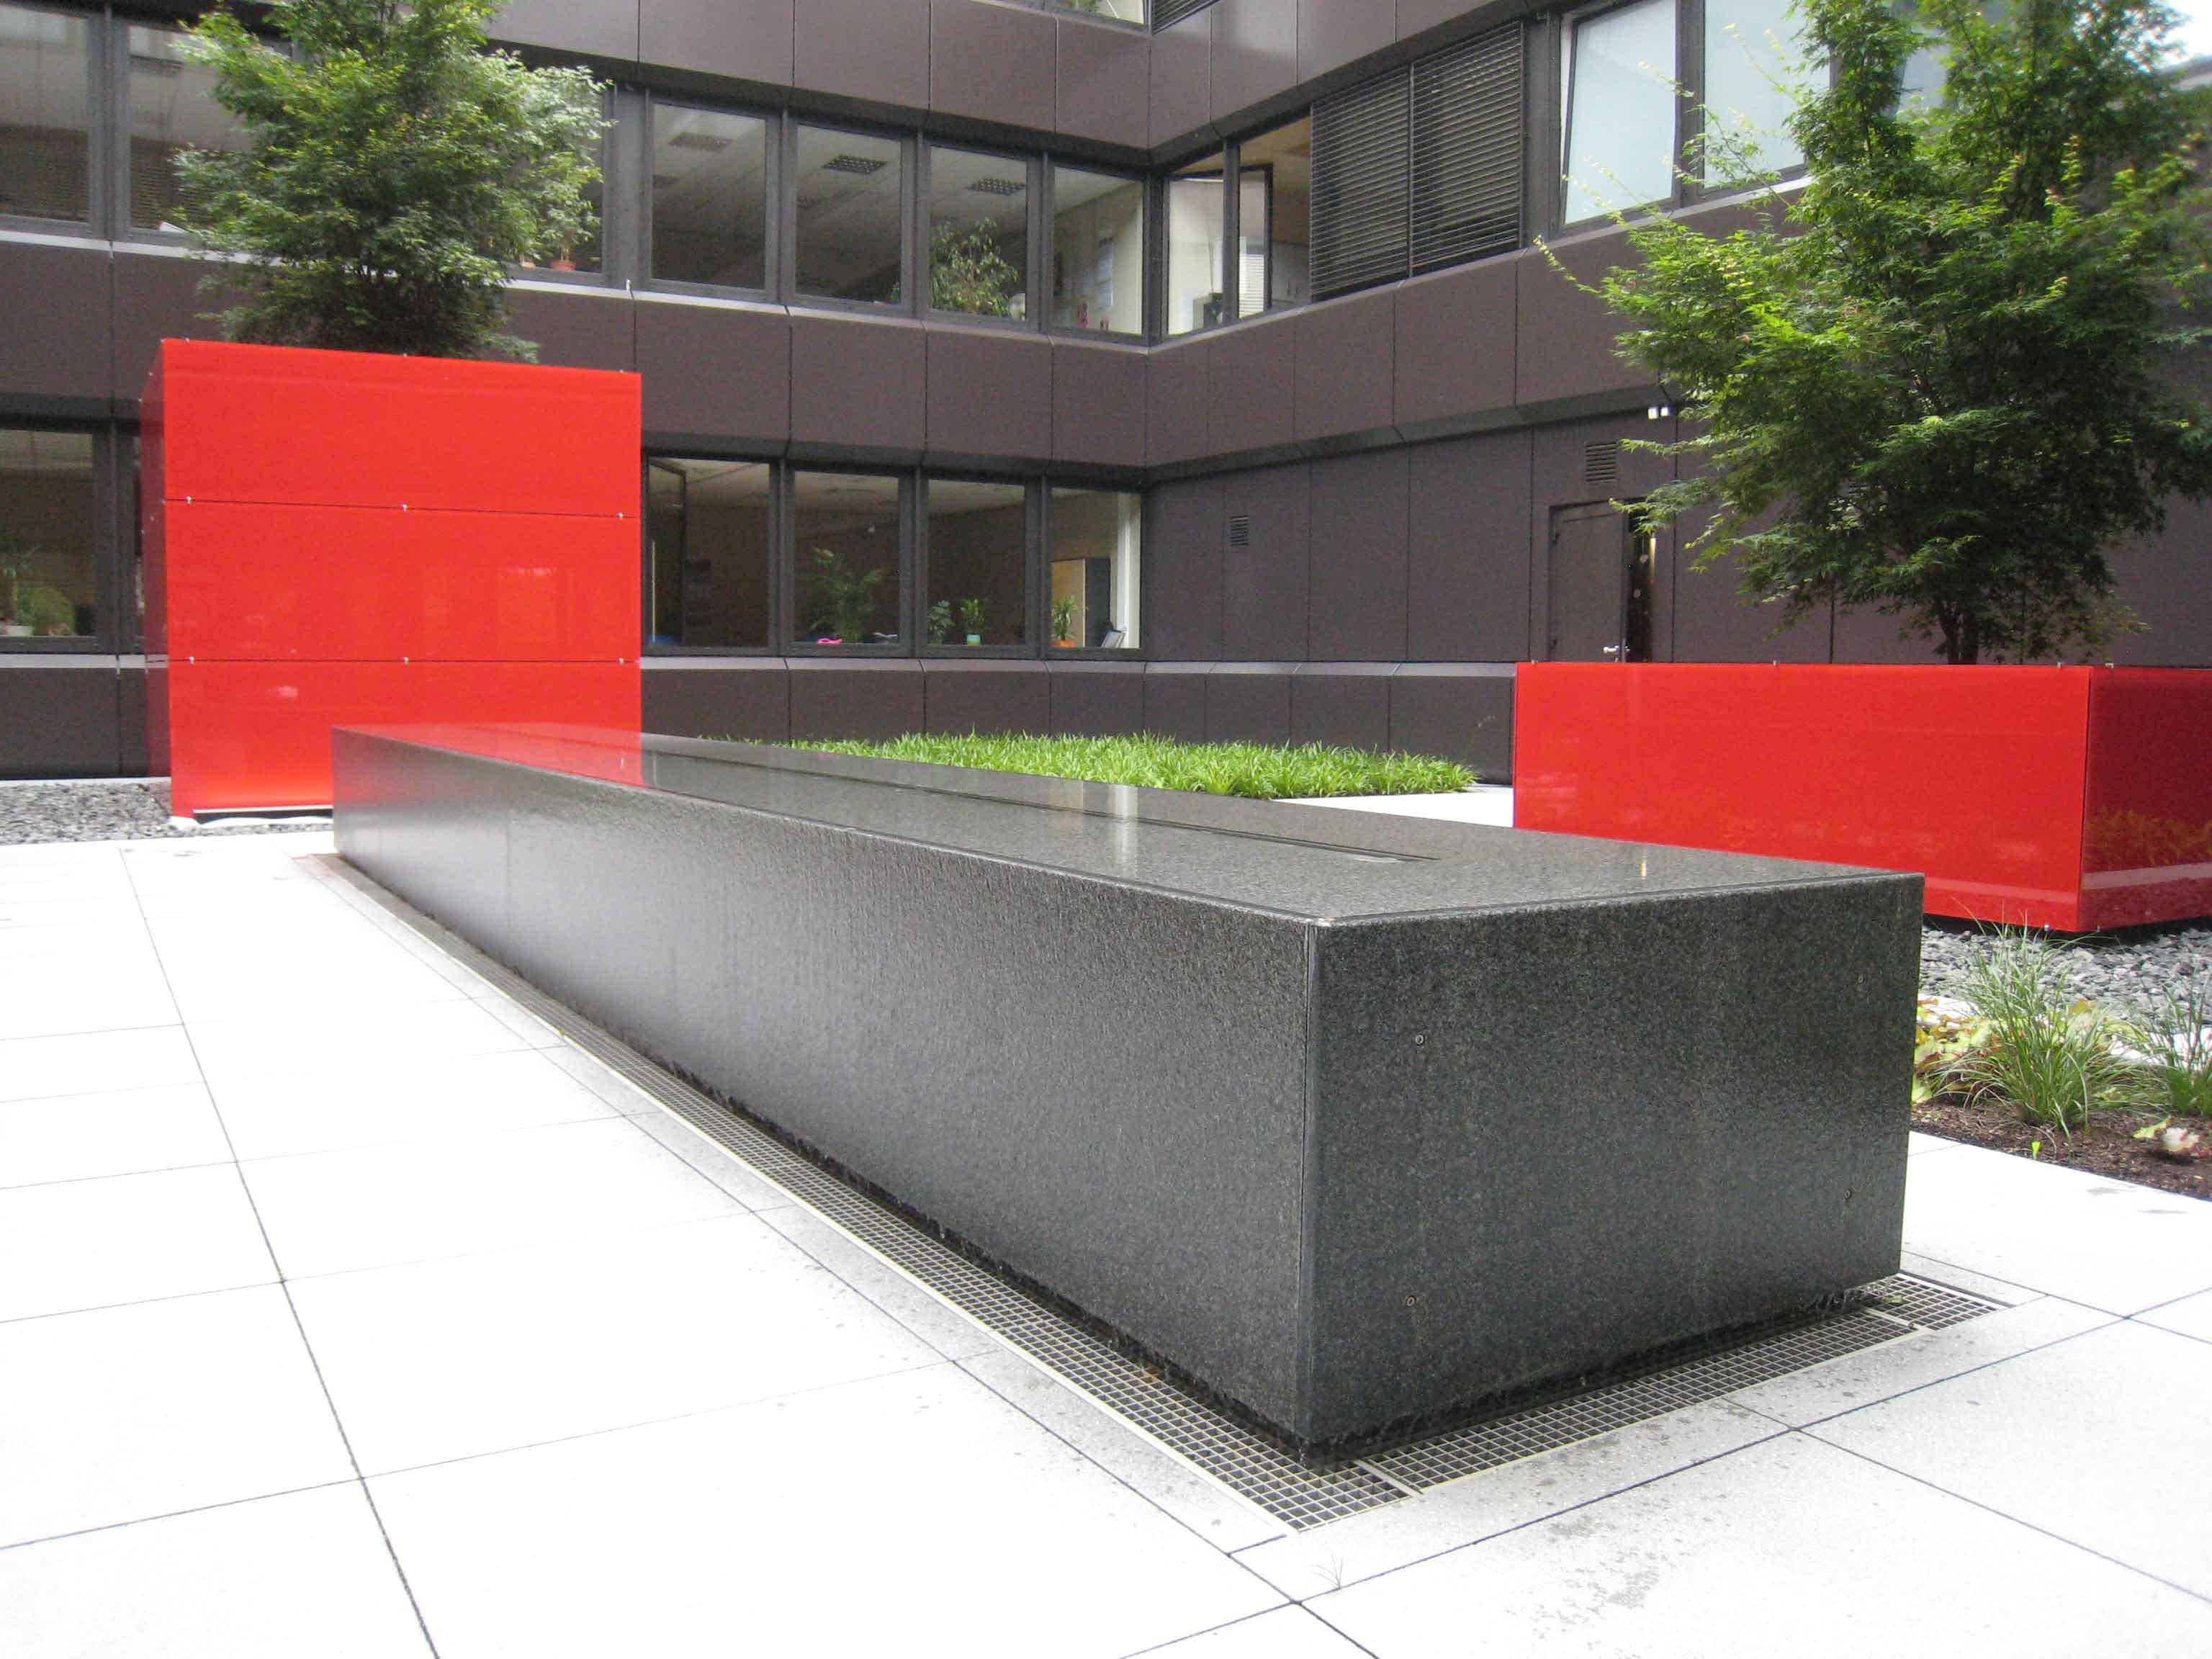 wassertisch-granit2_web.jpg